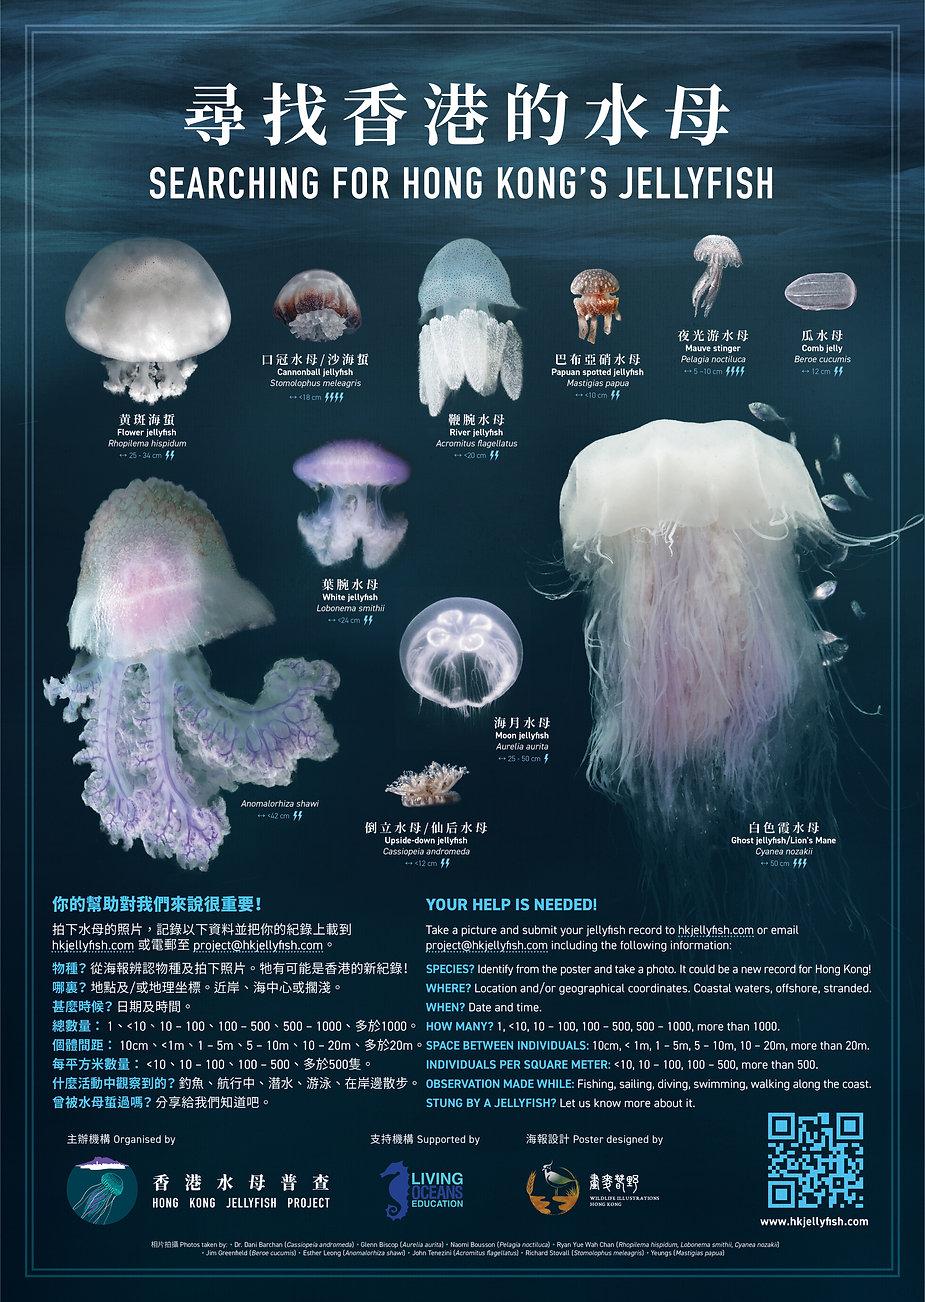 HKJP_Poster_A2_Online Distribution_full